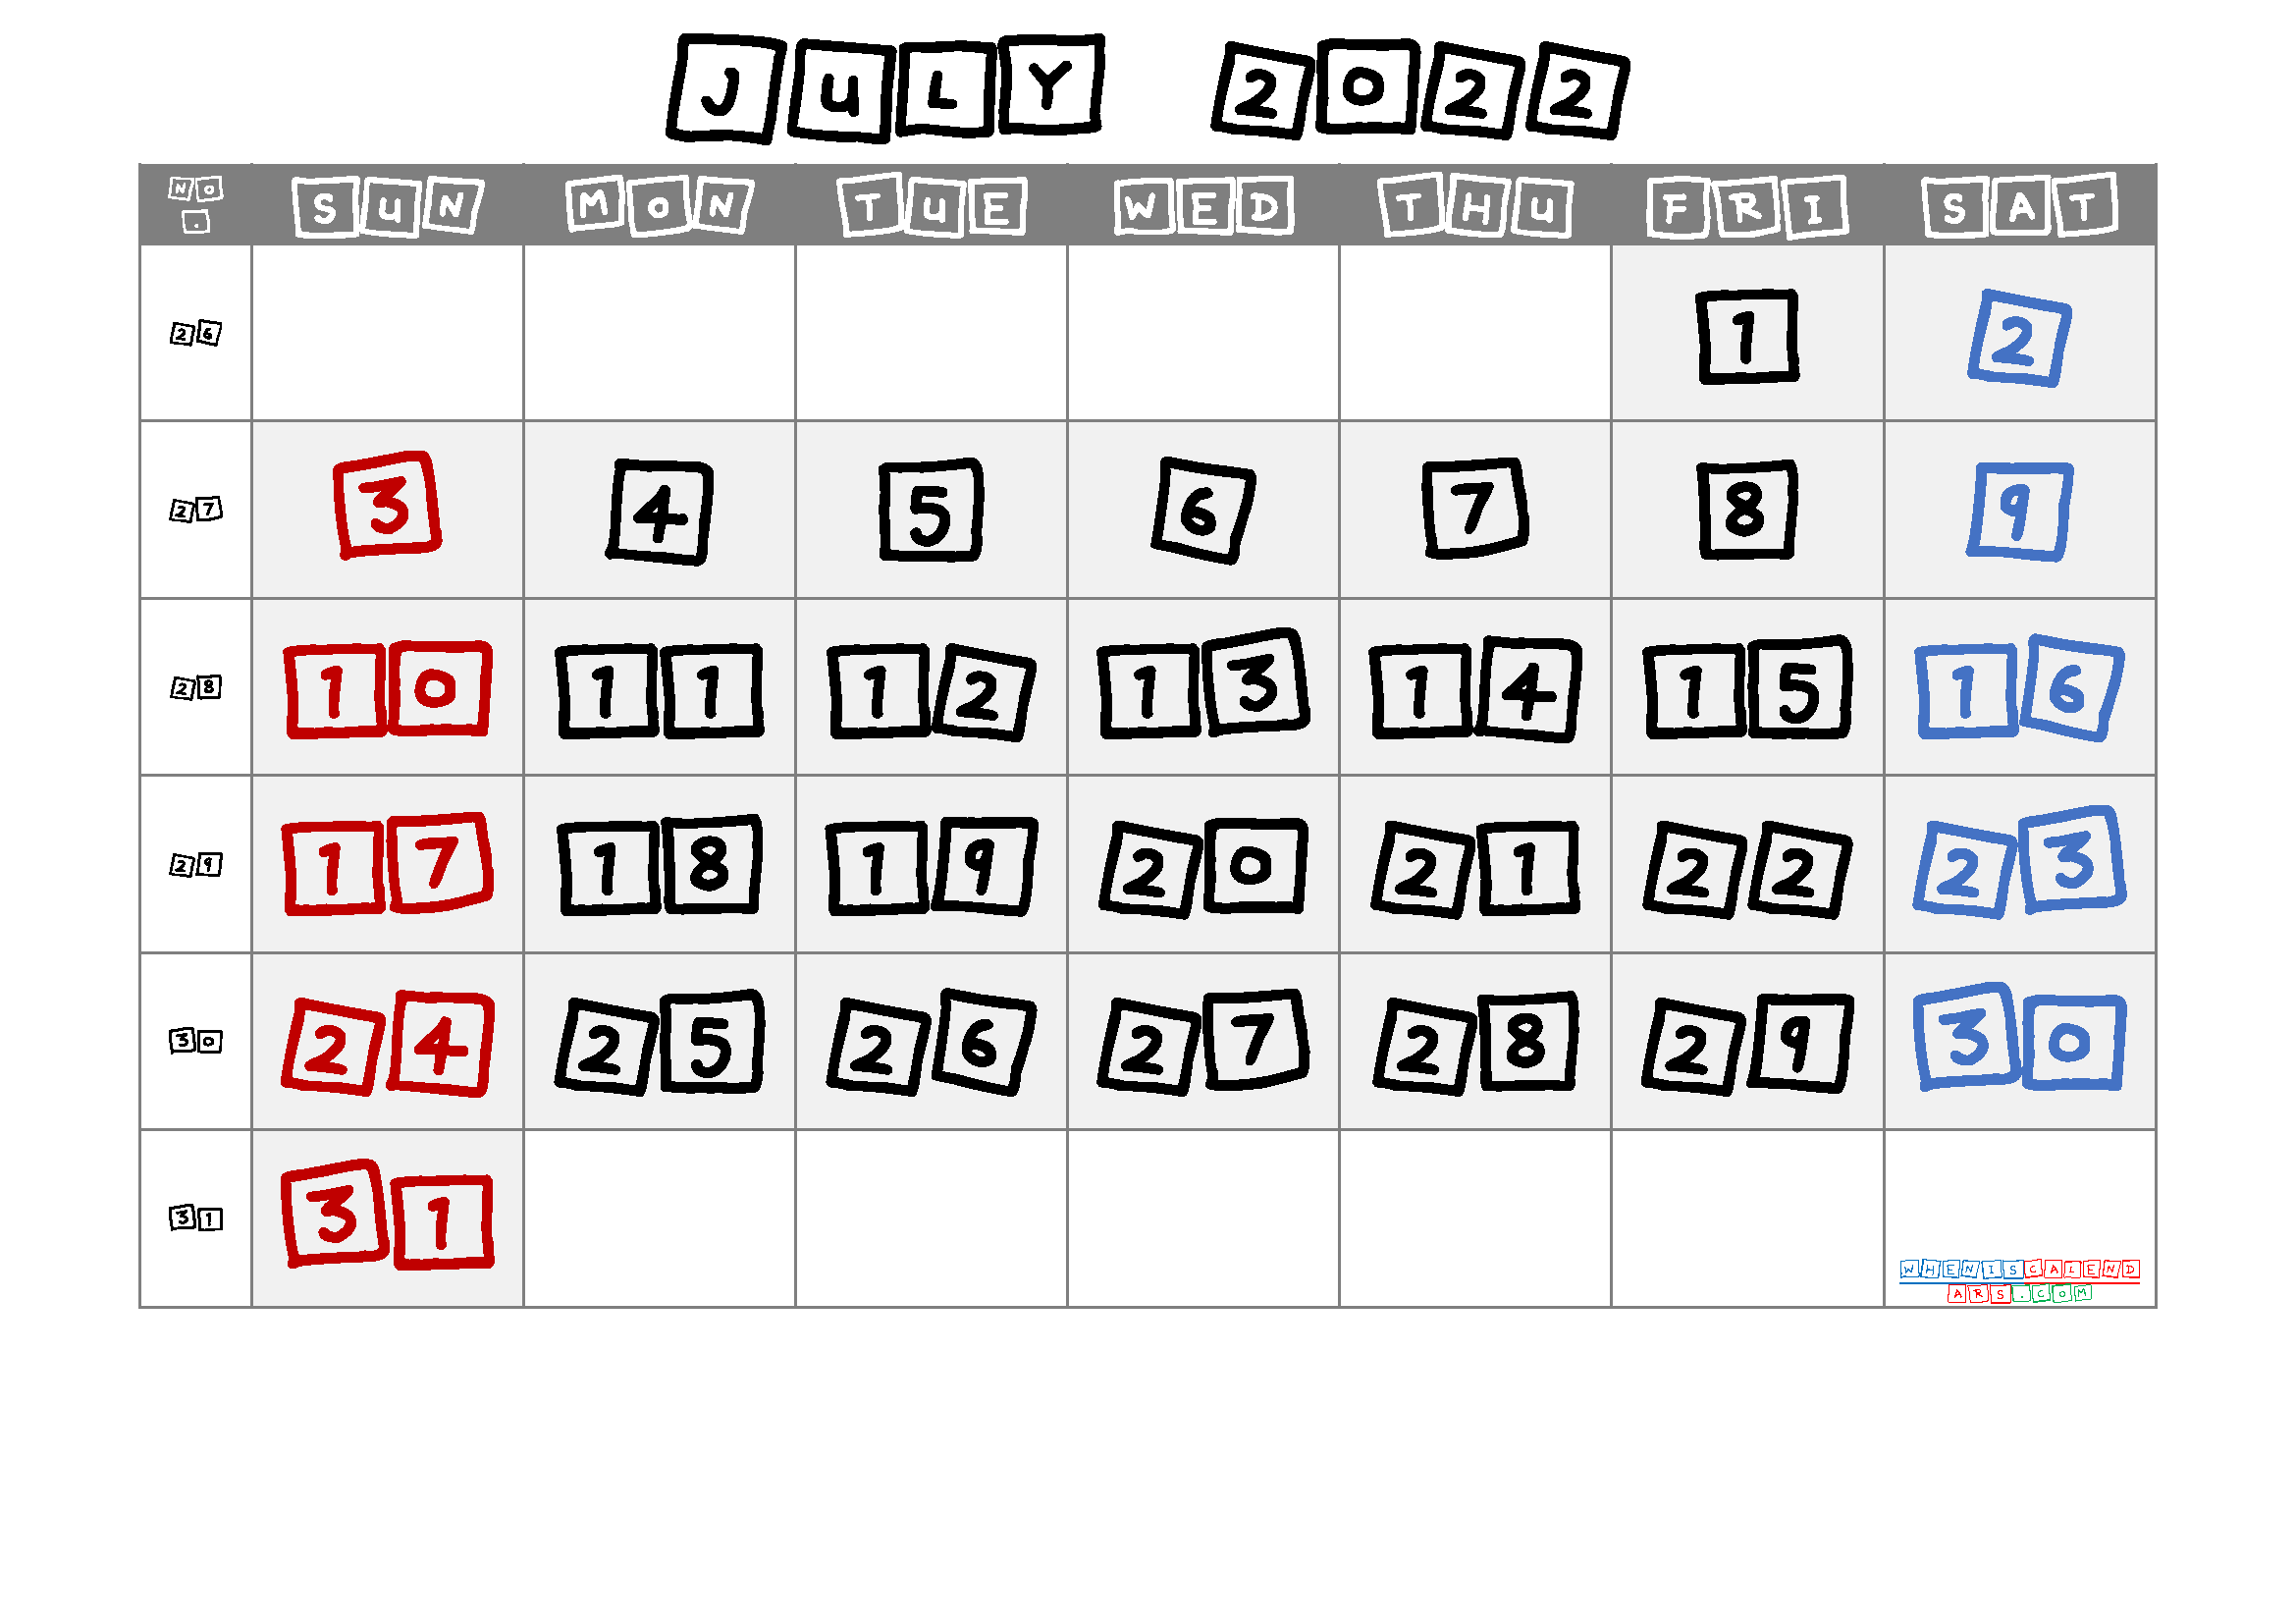 July 2022 Printable Calendar with Week Numbers